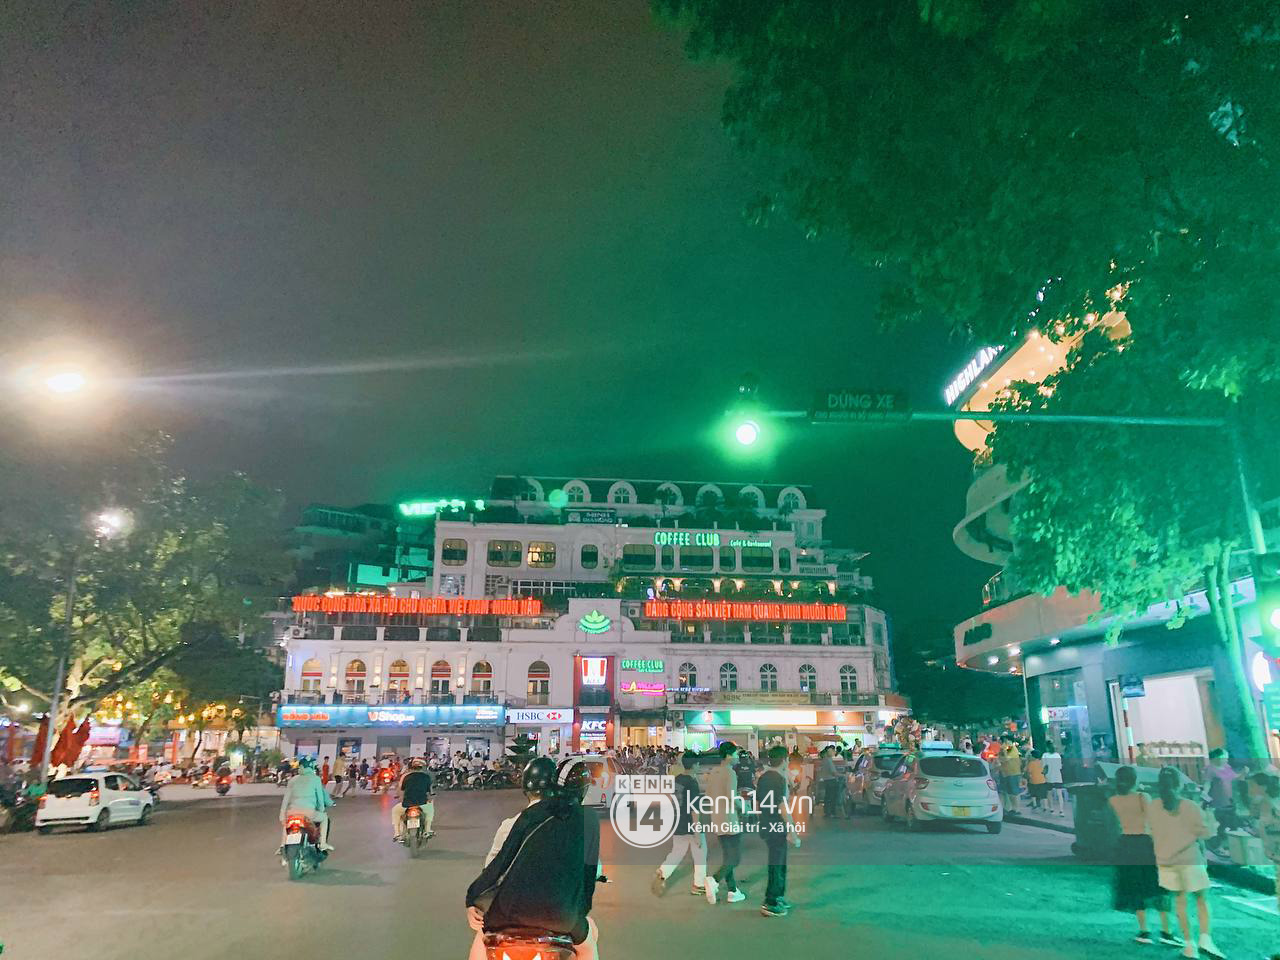 Trót dại xuống phố tối ngày giỗ Tổ, giới trẻ Hà Nội chịu cảnh kẹt cứng khắp mọi nẻo đường, đông không kém gì Sài Gòn - Ảnh 11.